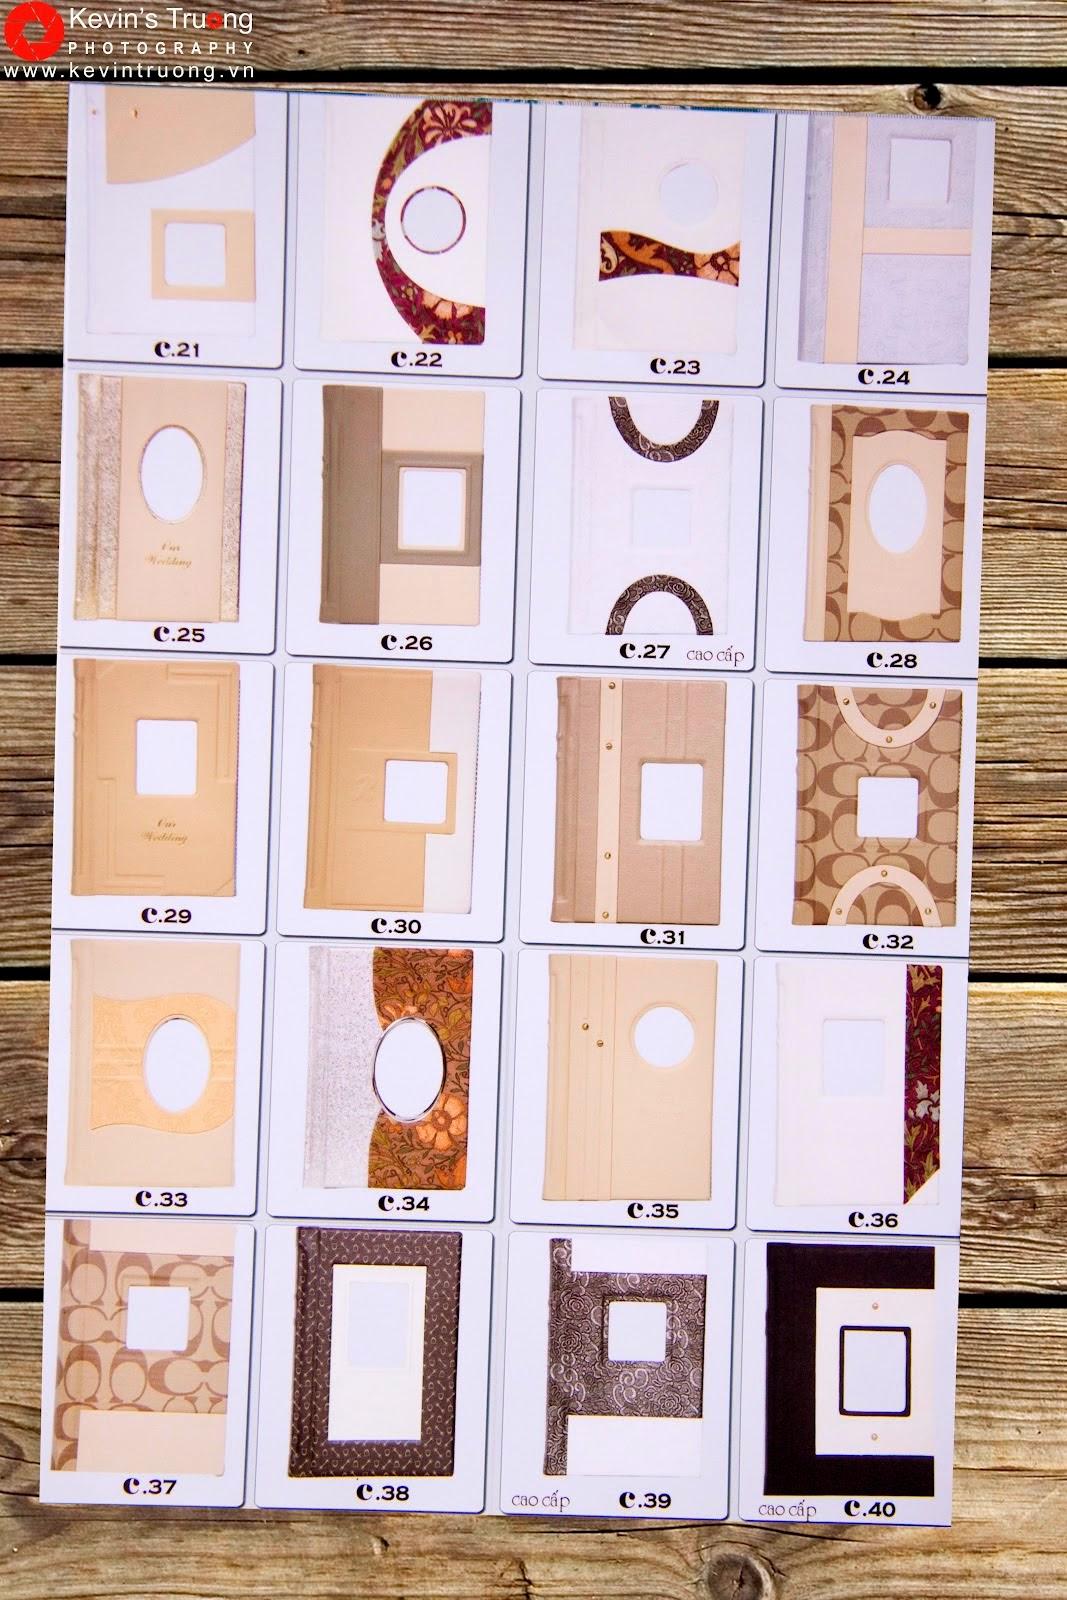 Gia Công-In Album Cát Kim Tuyến-Album 3D,Photobook,Ép gỗ các loại - 14